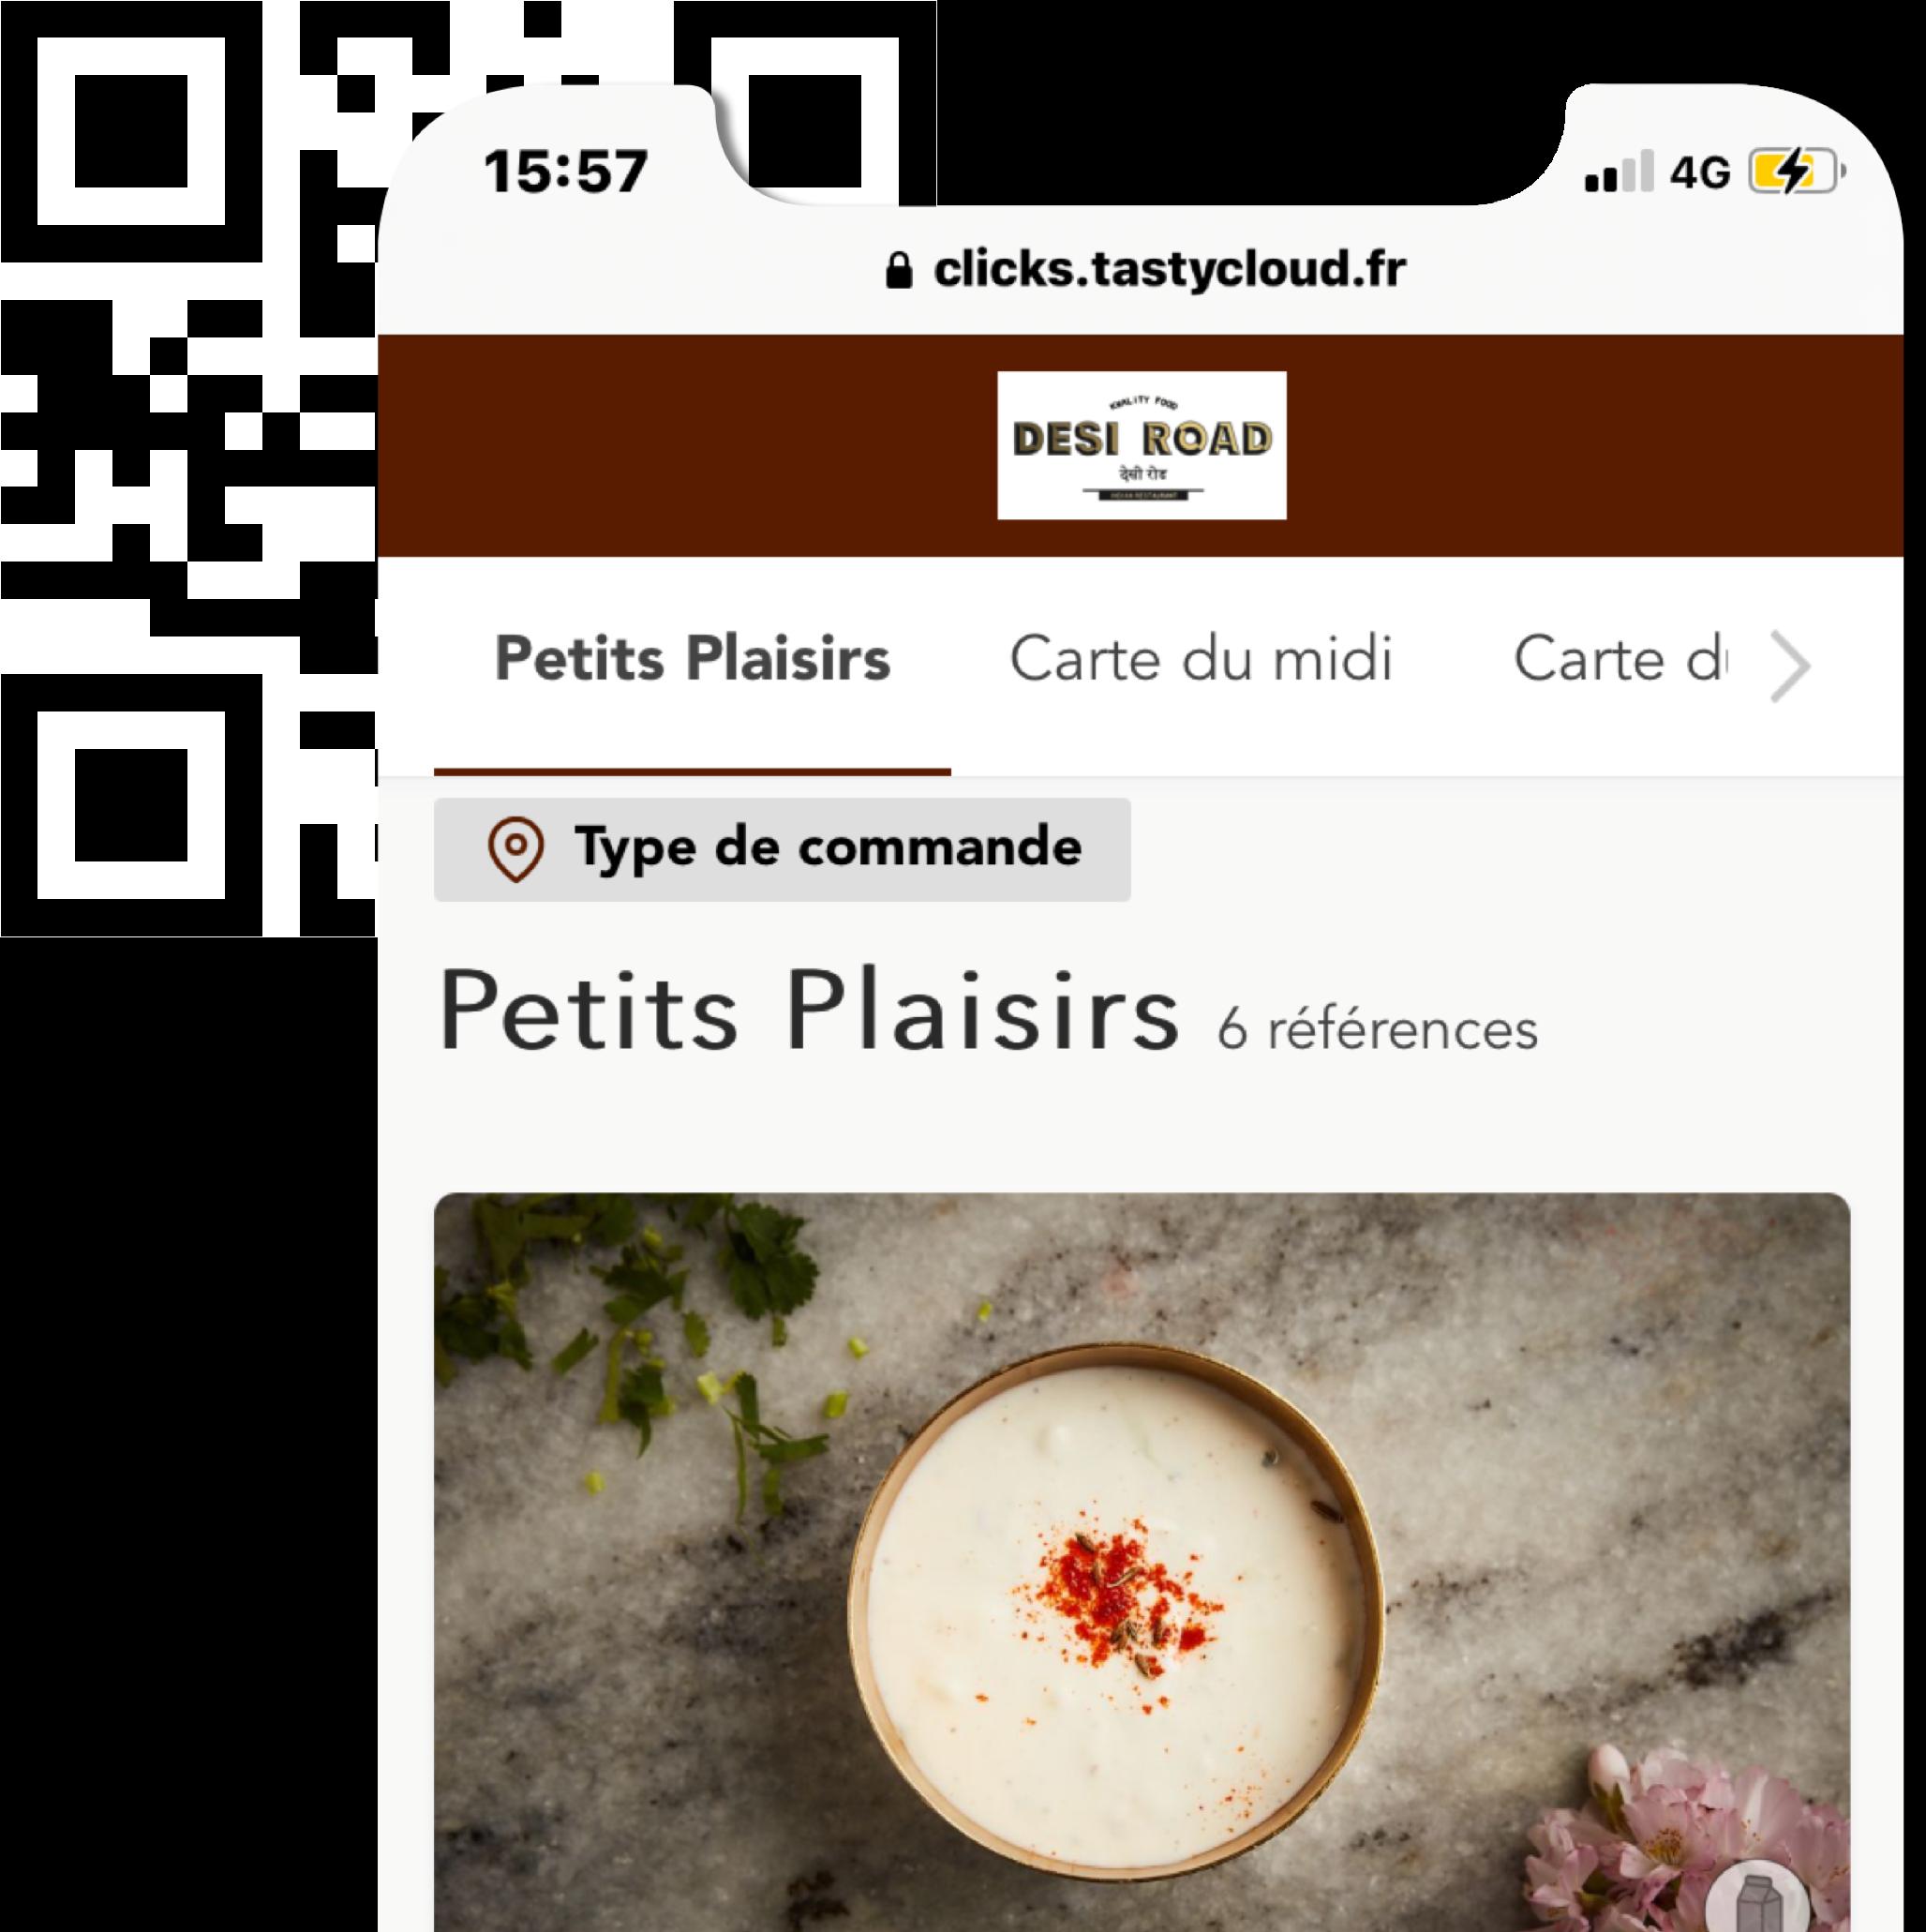 tastycloud-qr-code-menu-digital